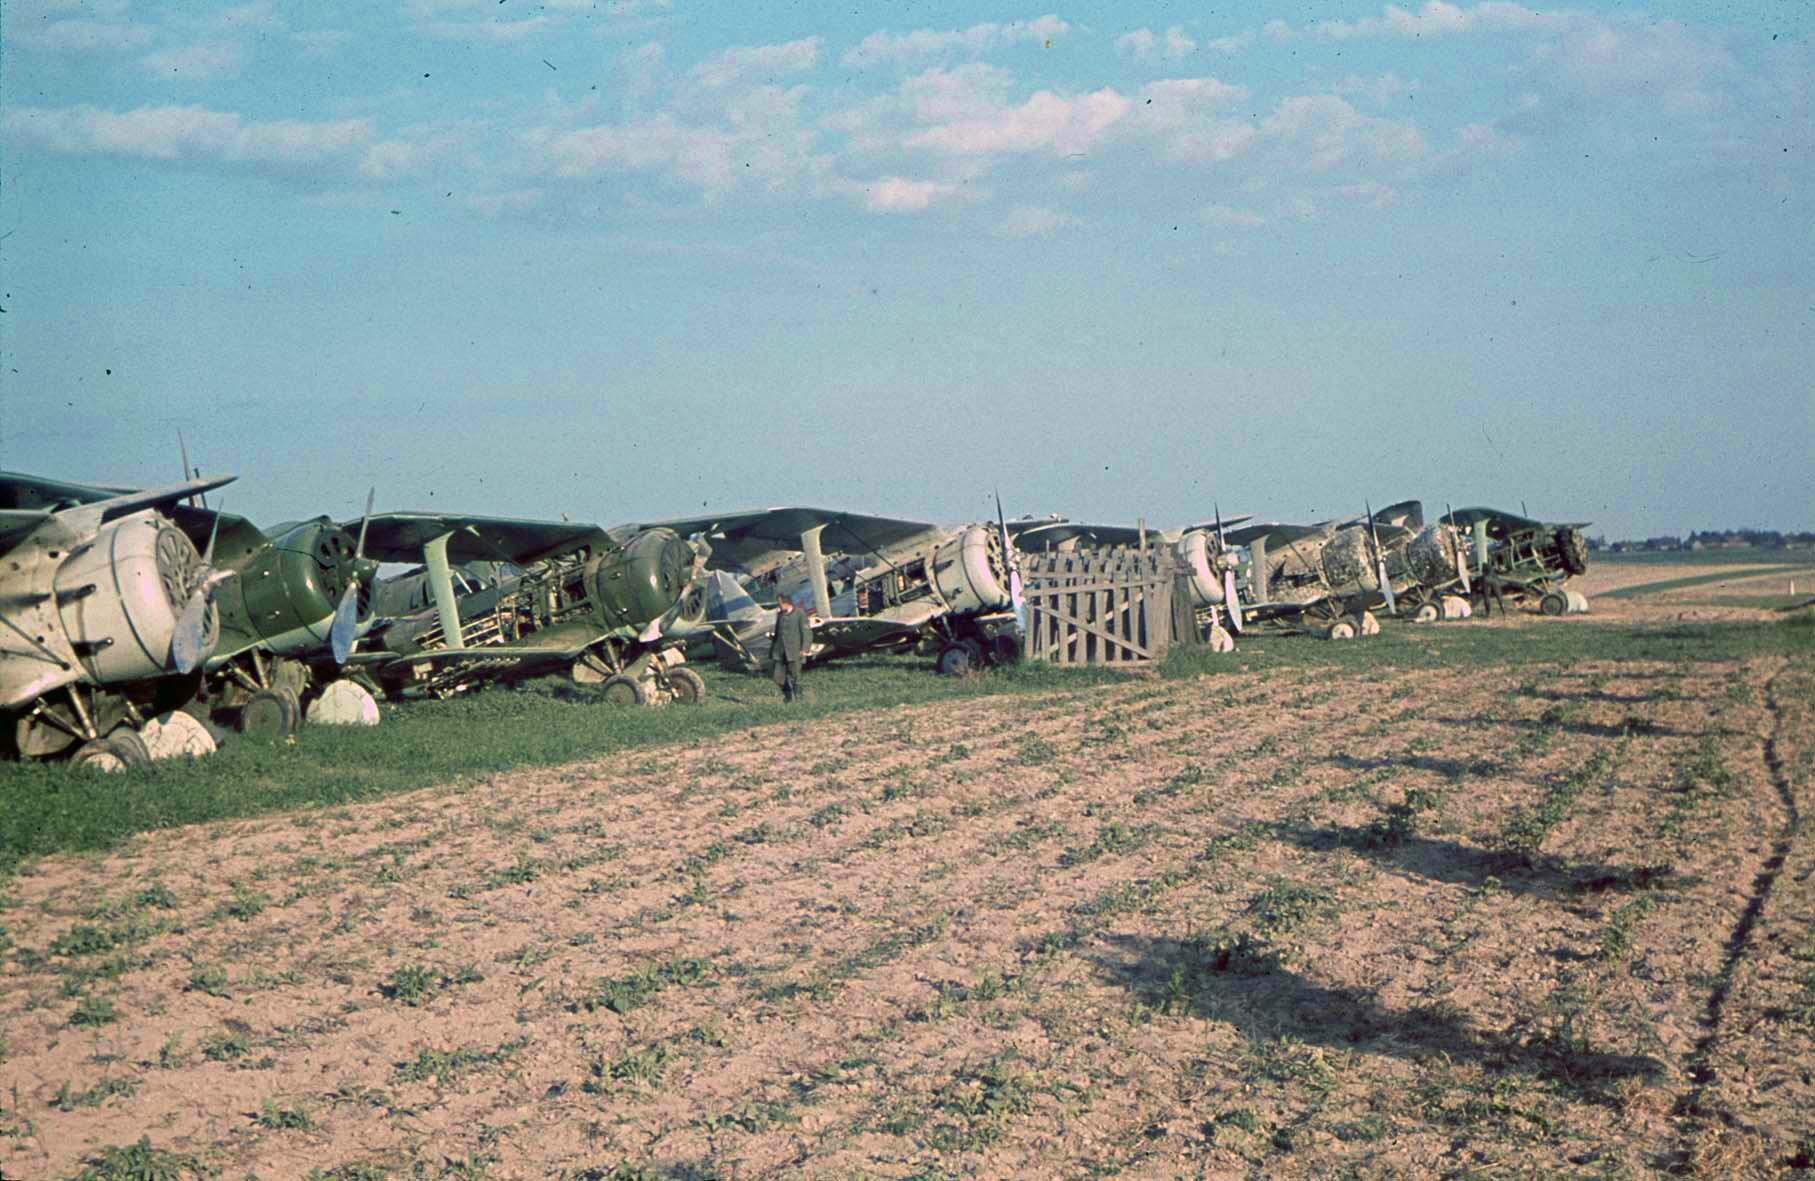 1941 Zerstörte sowjetische Flugzeuge, bei Minsk, 10. Juli 1941